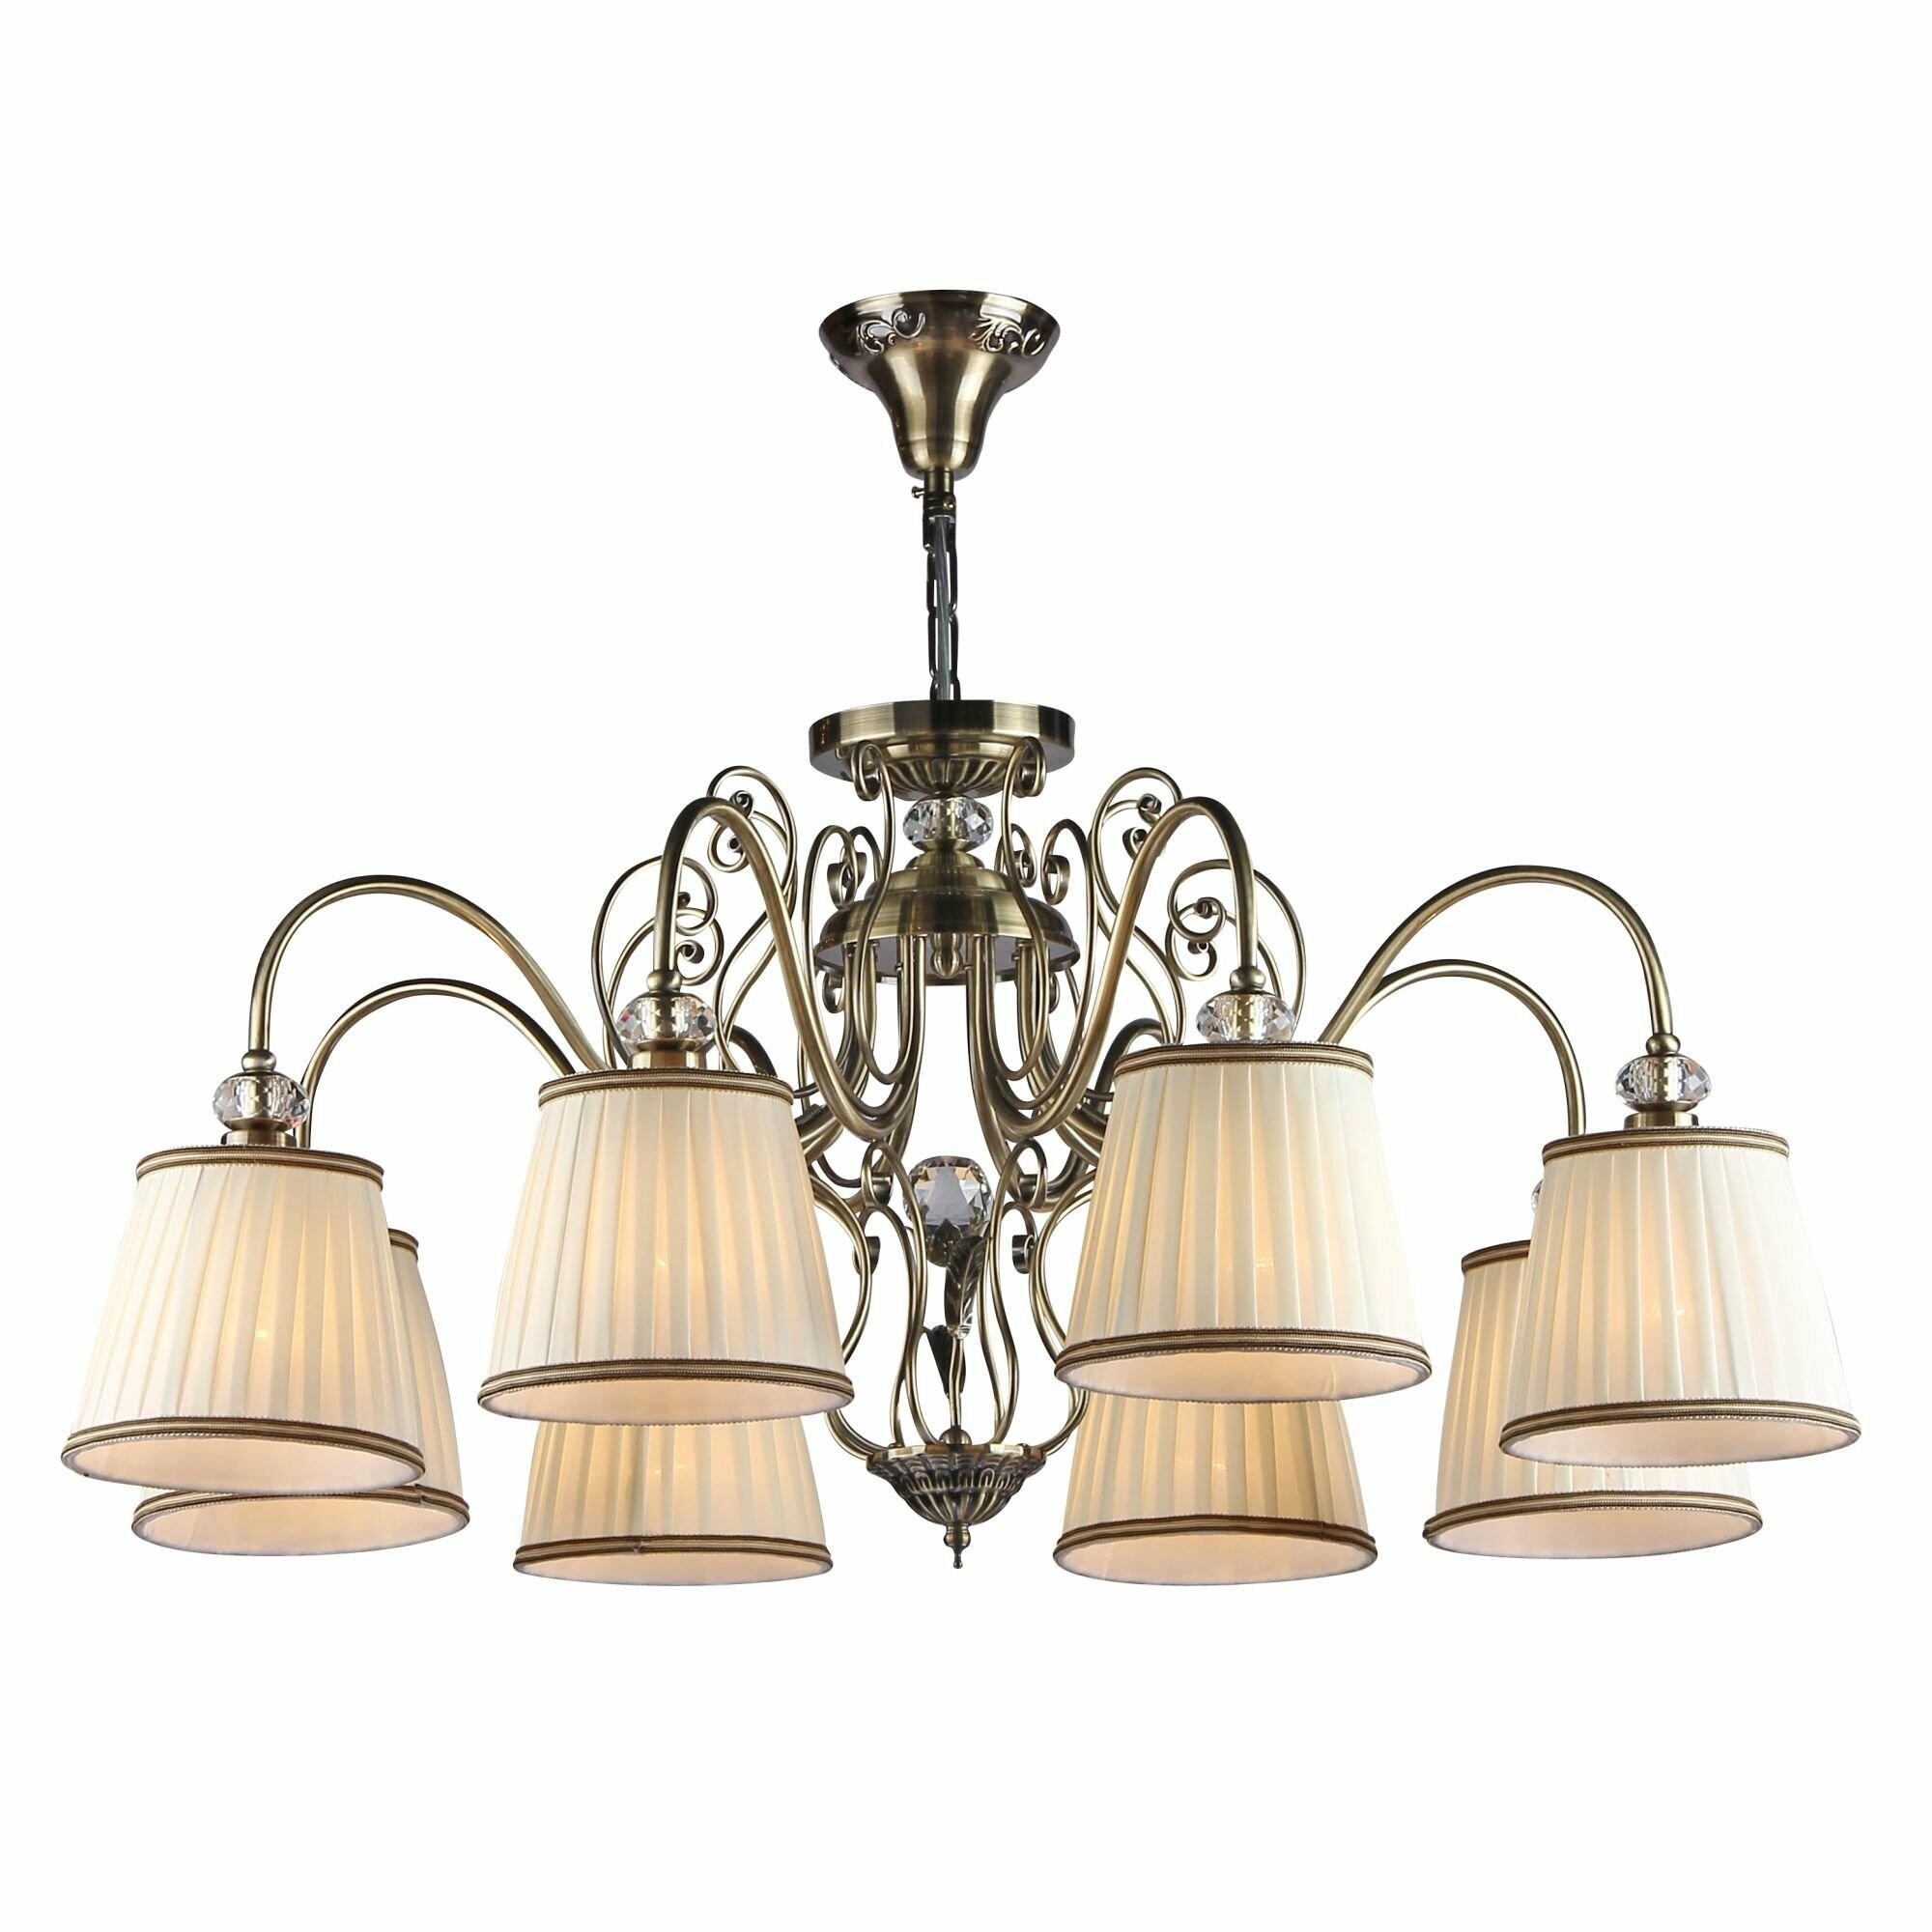 Maytoni - немецкий бренд интерьерных светильников различных стилей и направлений